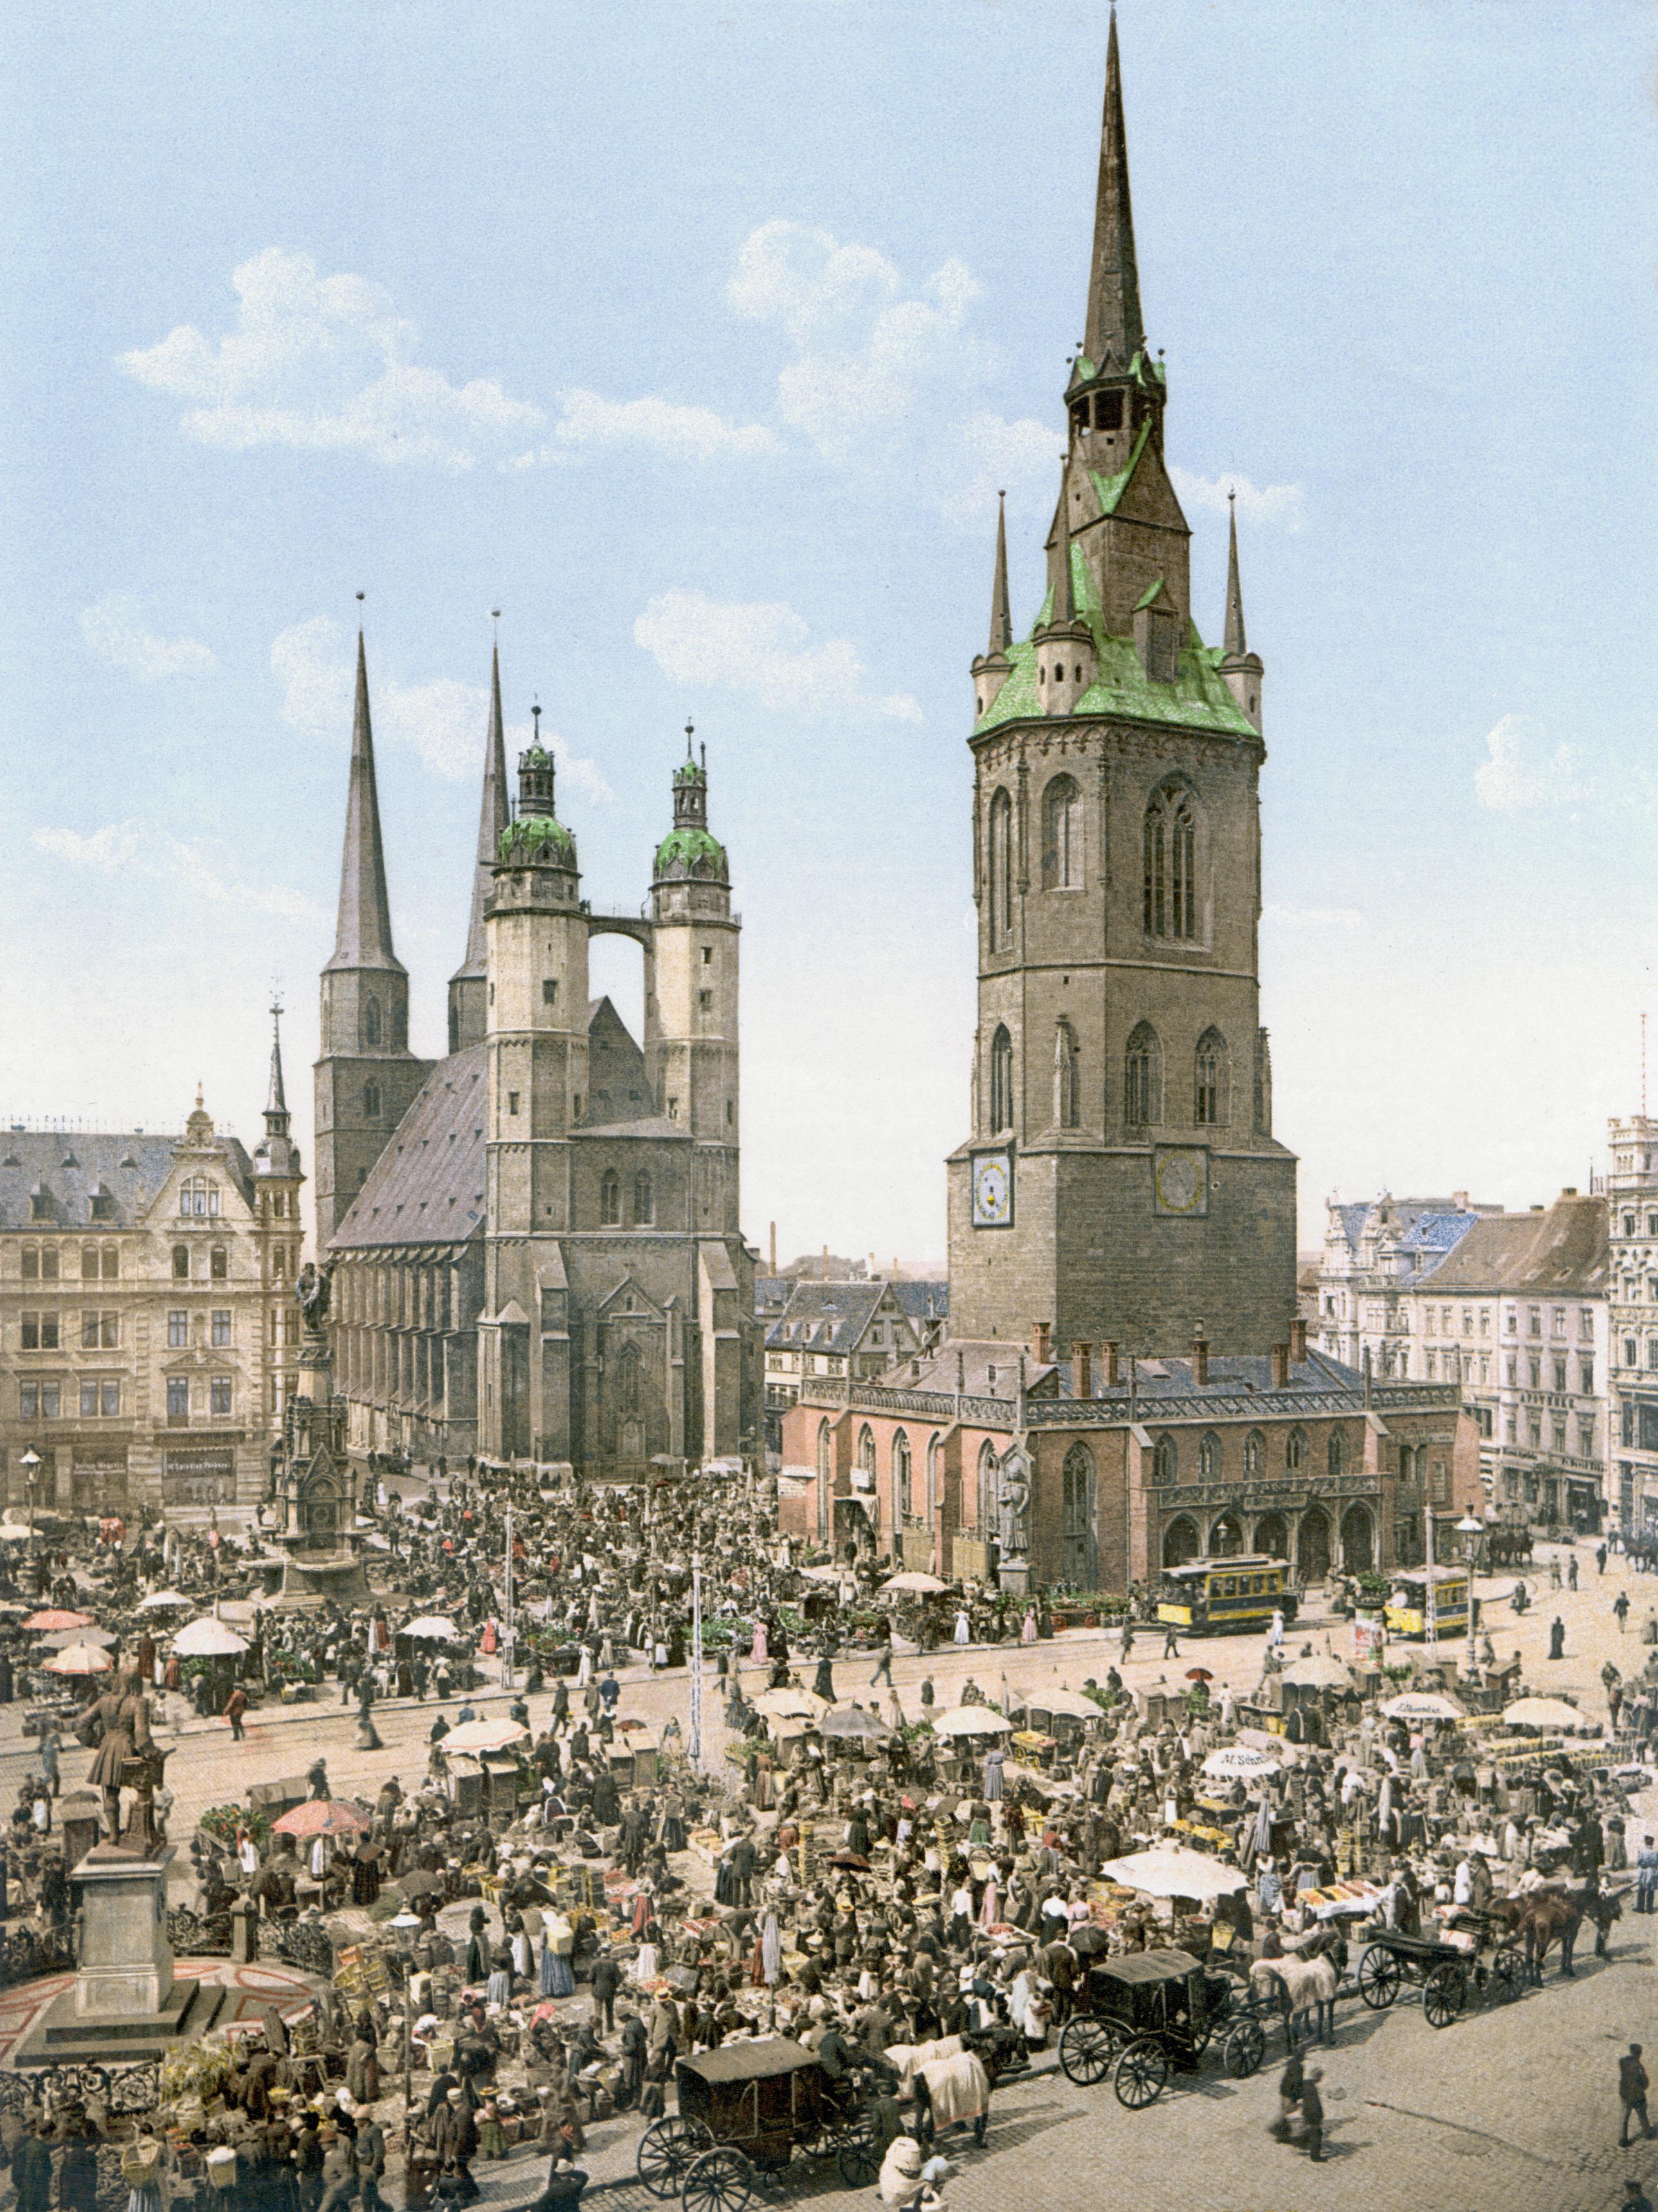 File:Halle Saale um 1900.jpg